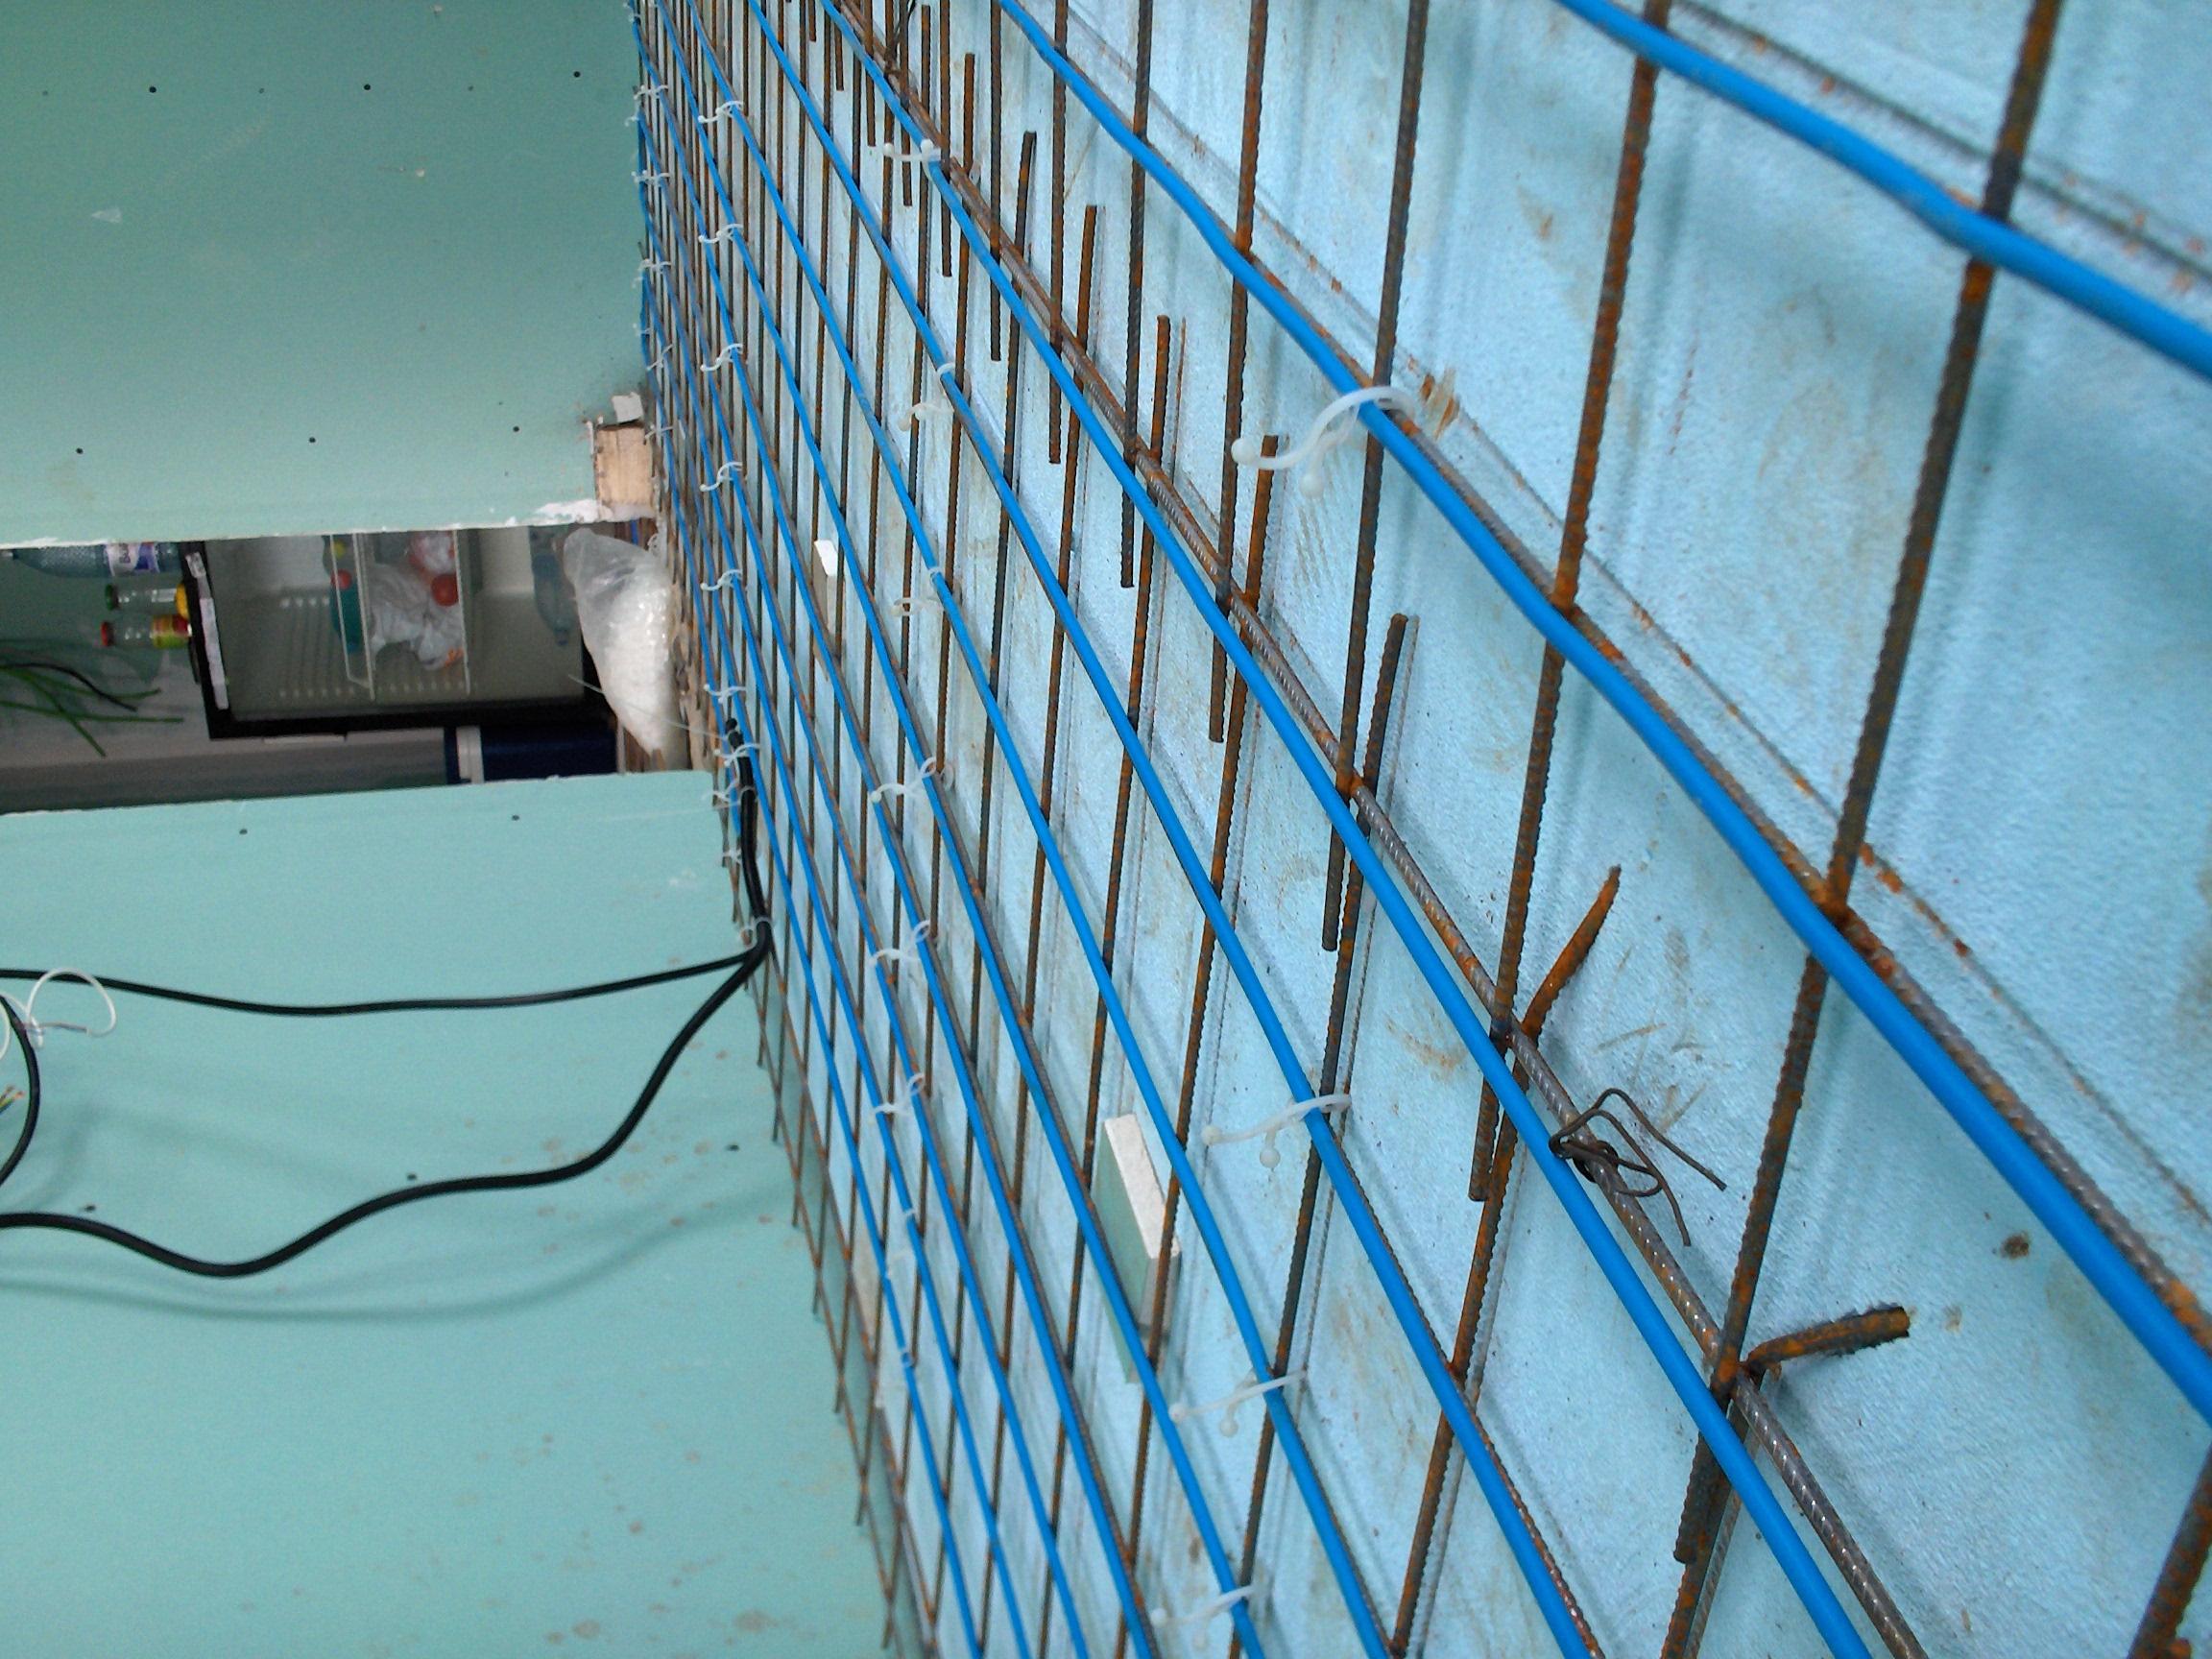 Sistem de incalzire electrica prin pardoseala RAYCHEM - Poza 76